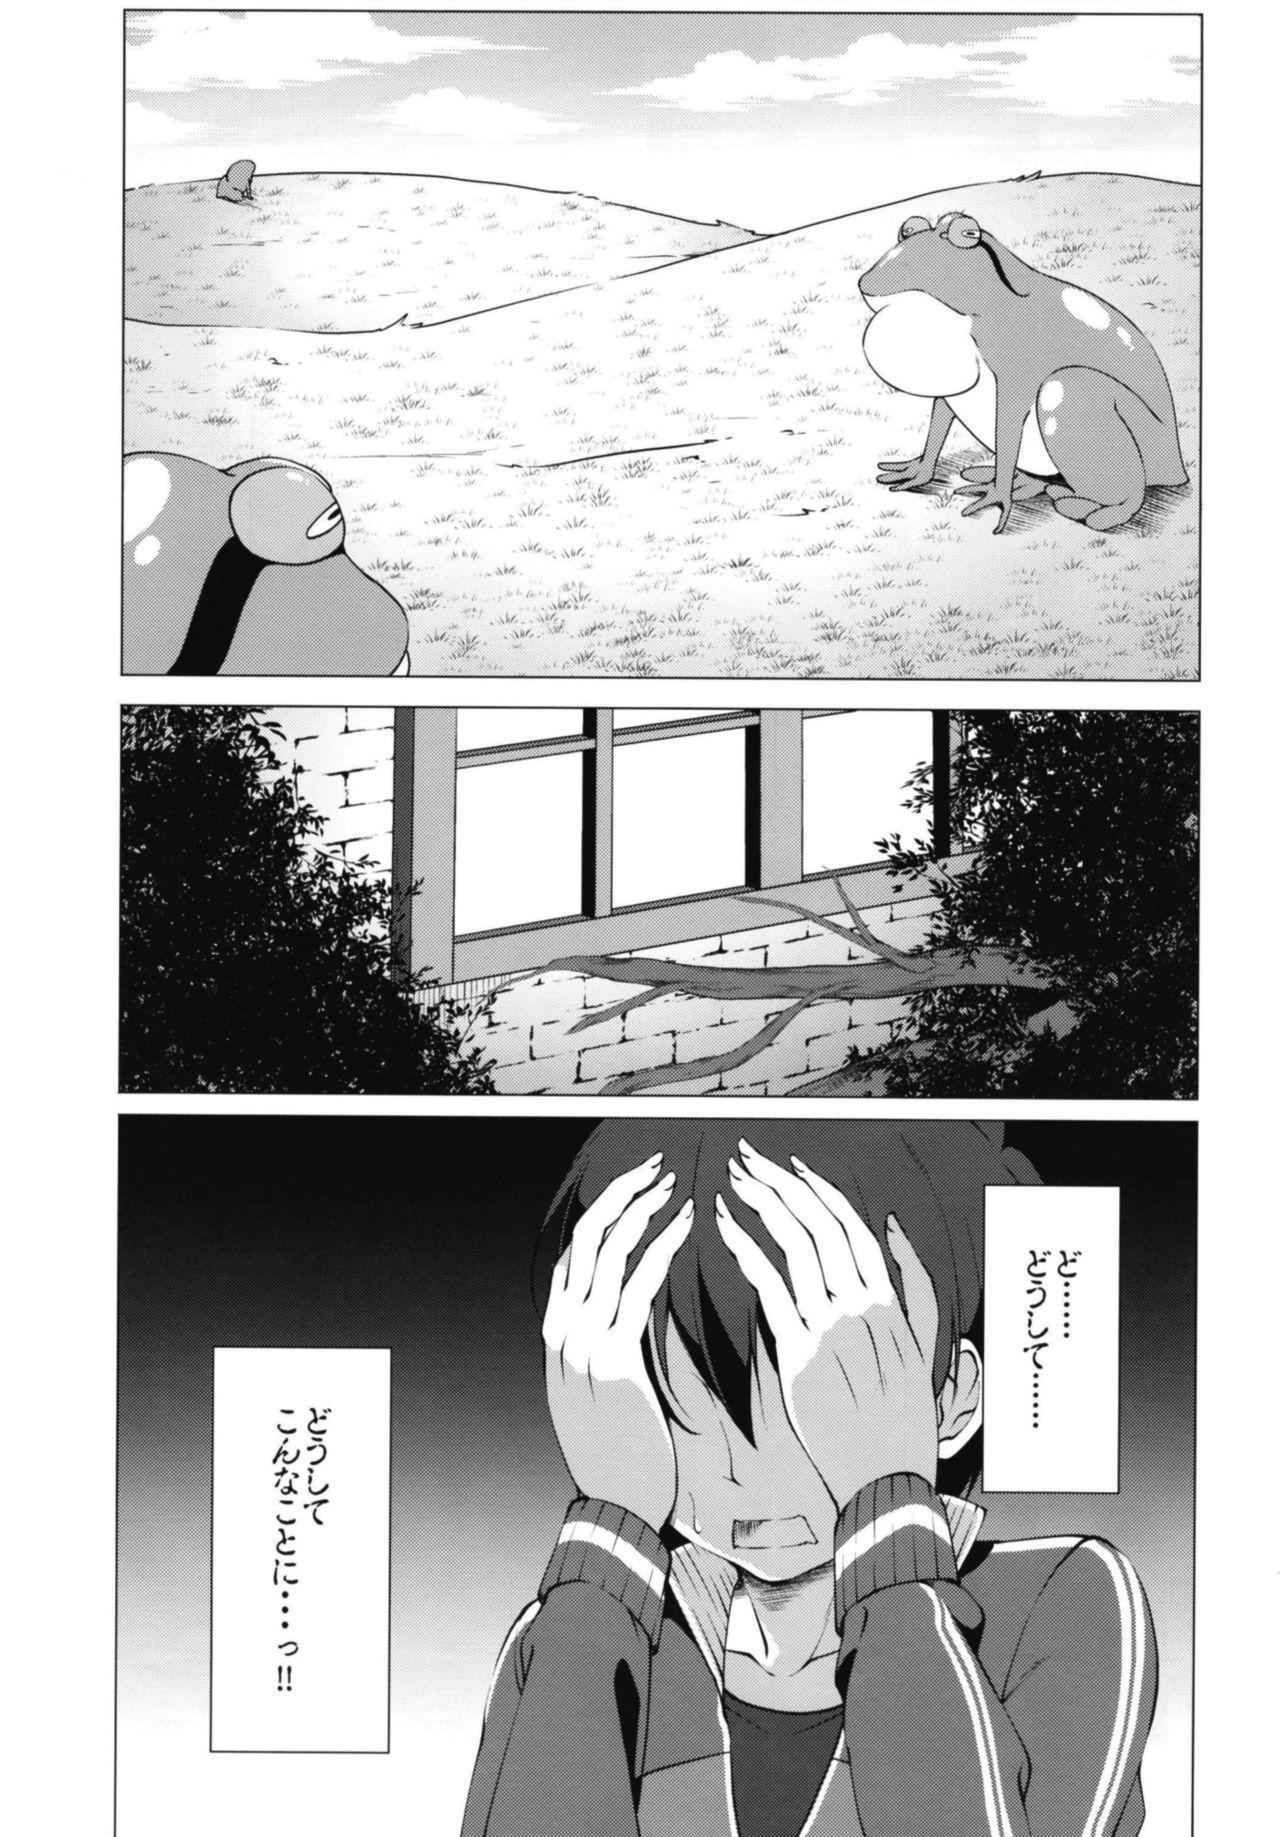 [Idobata Kaigisho (Fried)] Kono Subarashii Oujo-sama wa Onii-sama ga Daisuki!! (Kono Subarashii Sekai ni Syukufuku o!) [Digital] 3